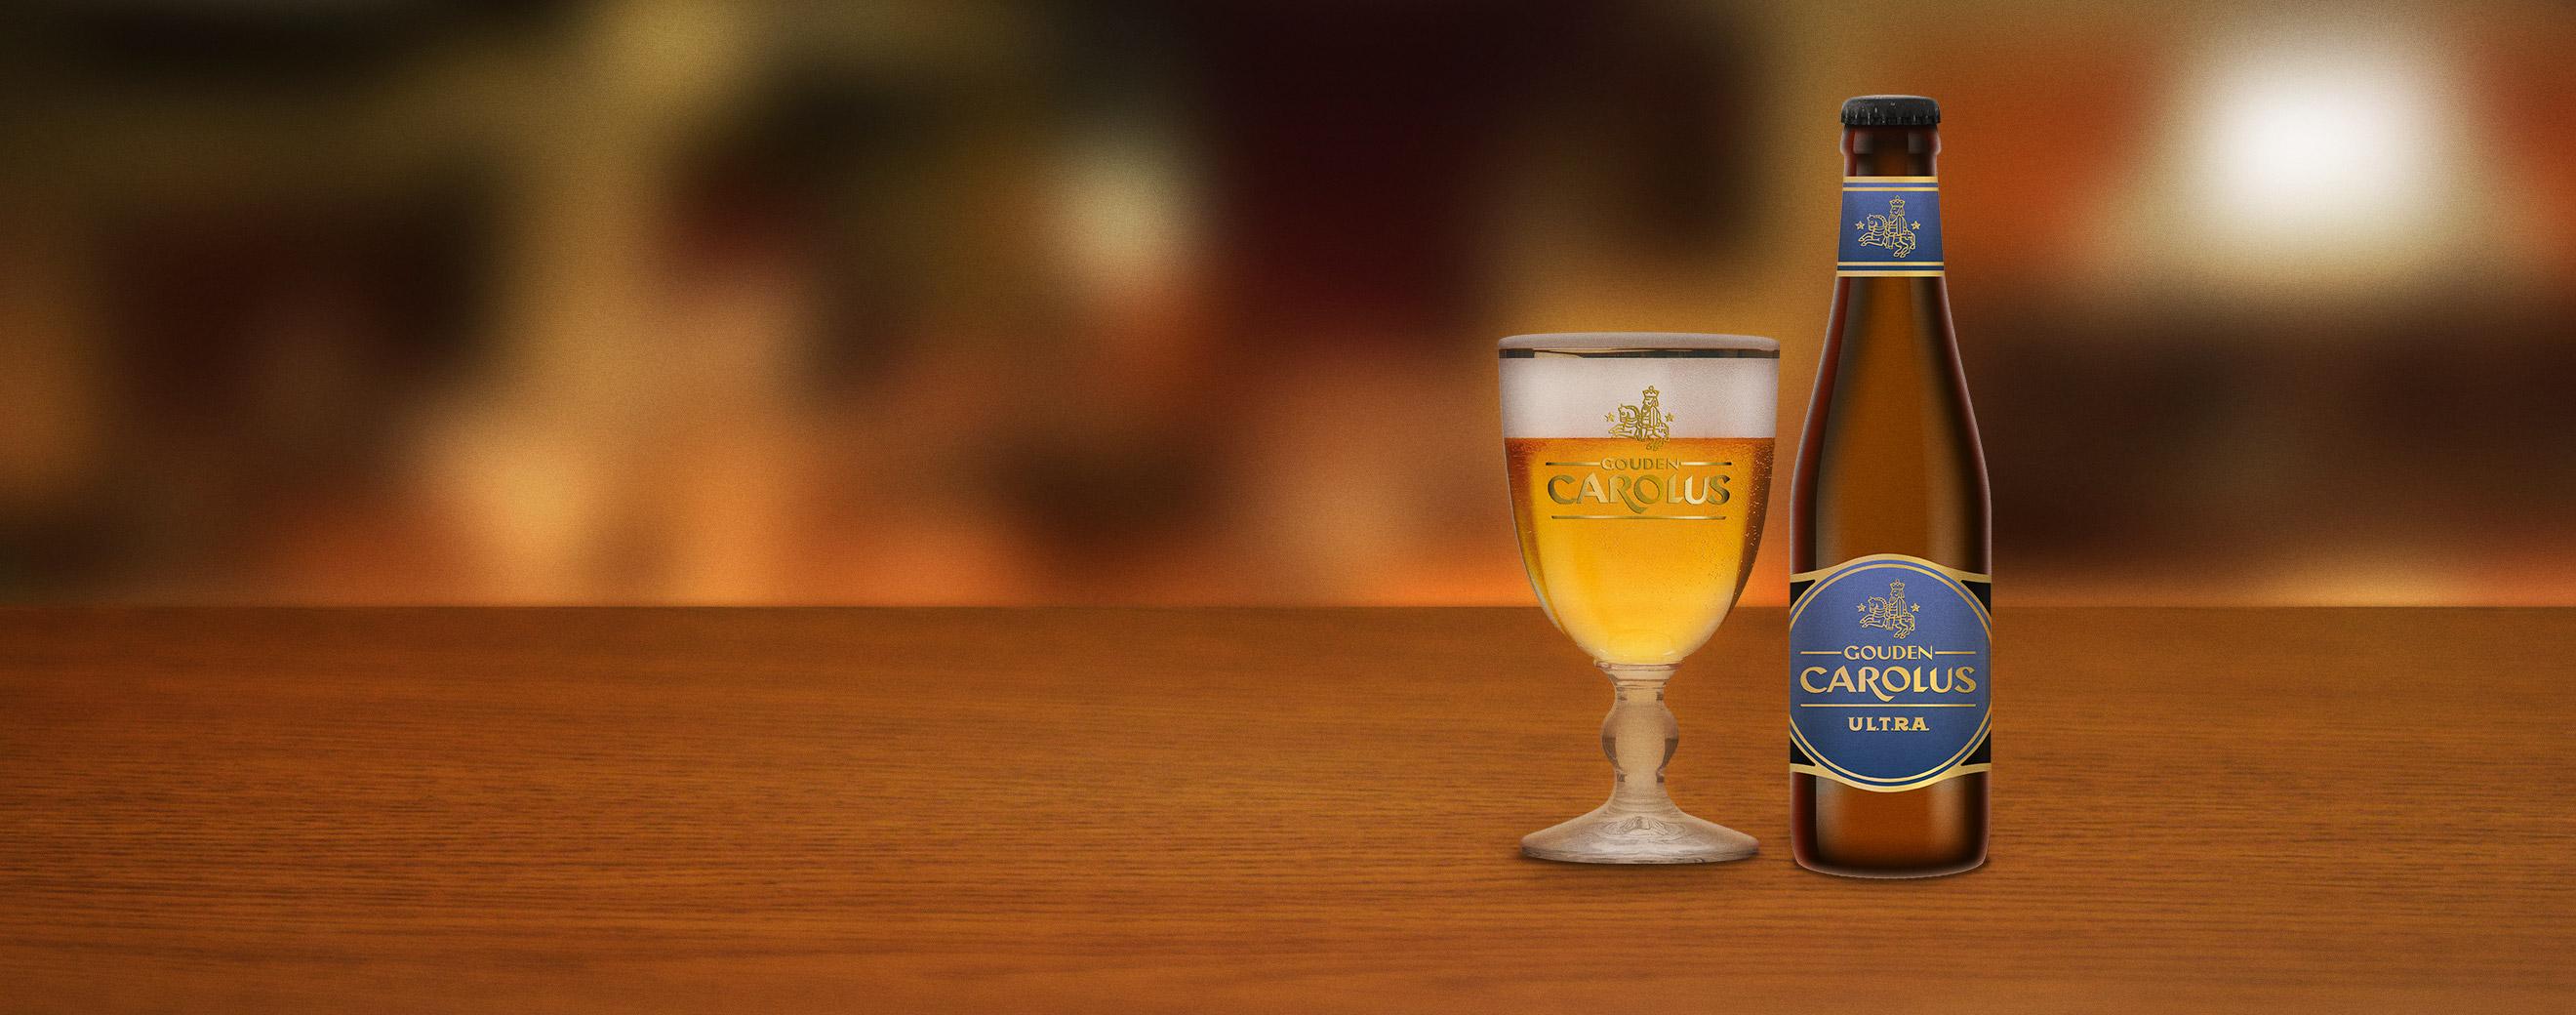 Gouden Carolus UL.T.R.A. met glas